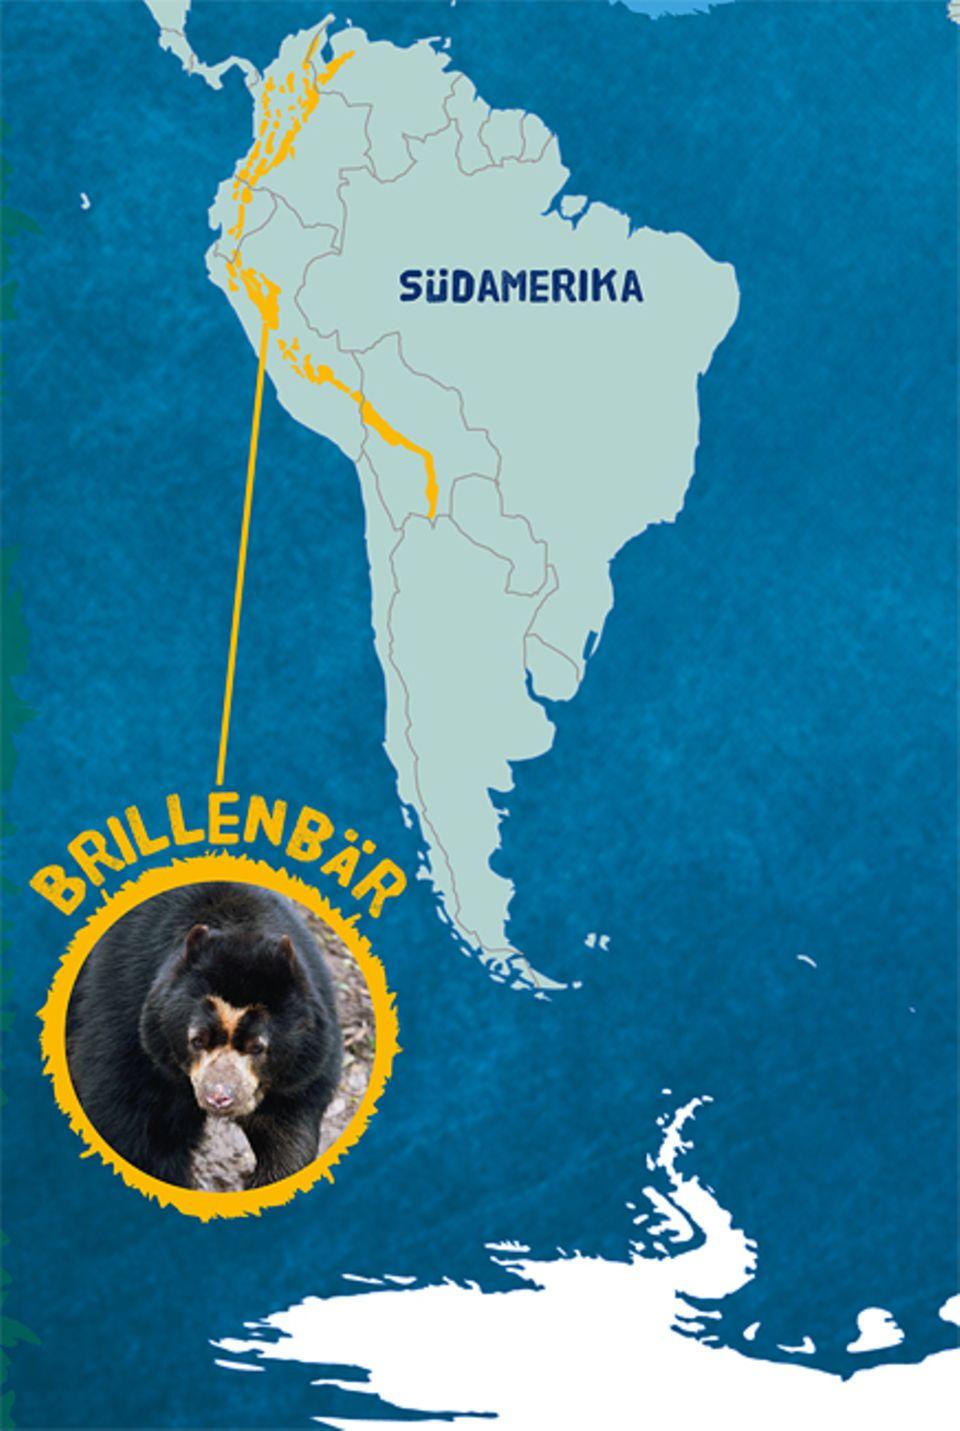 Tierlexikon: Der Brillenbär lebt in den Bergwäldern rund um die Andenkette in Südamerika